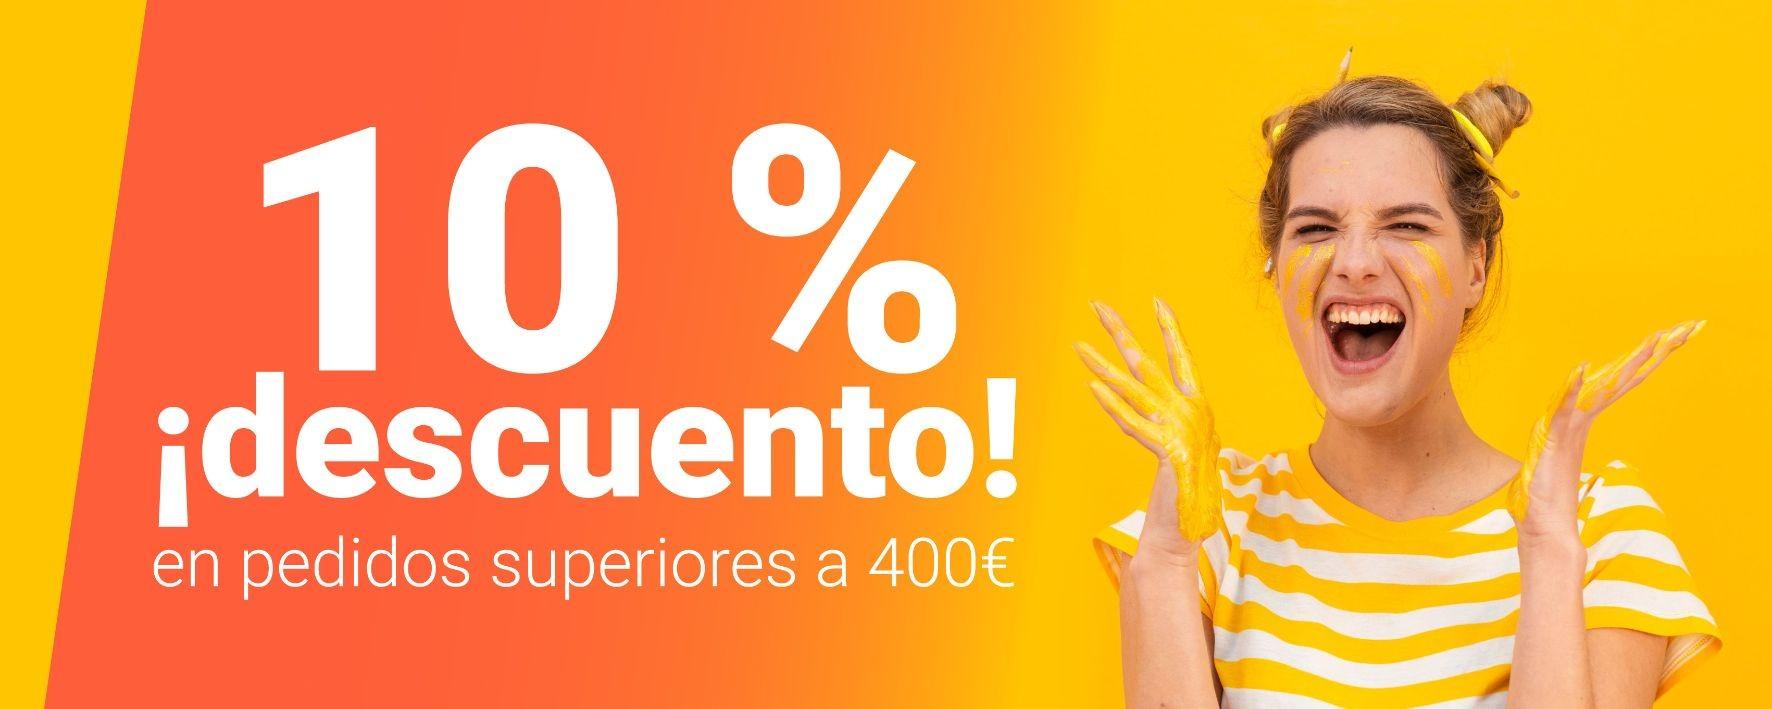 Con ePinturas, ¡llévate un 10% de descuento en pedidos superiores a 400 €!